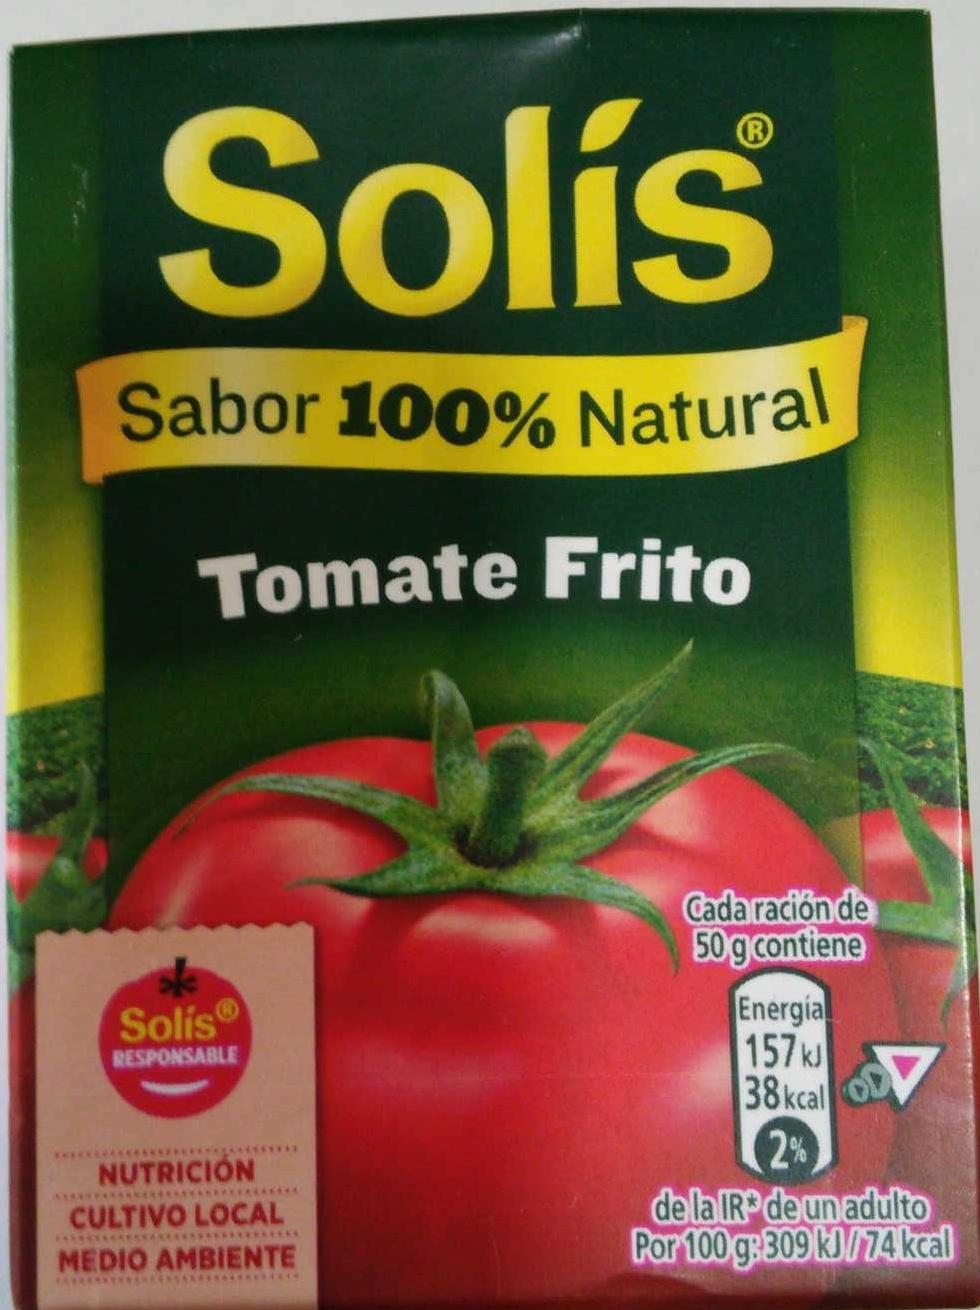 Tomate frito sabor 100% natural - Producto - es